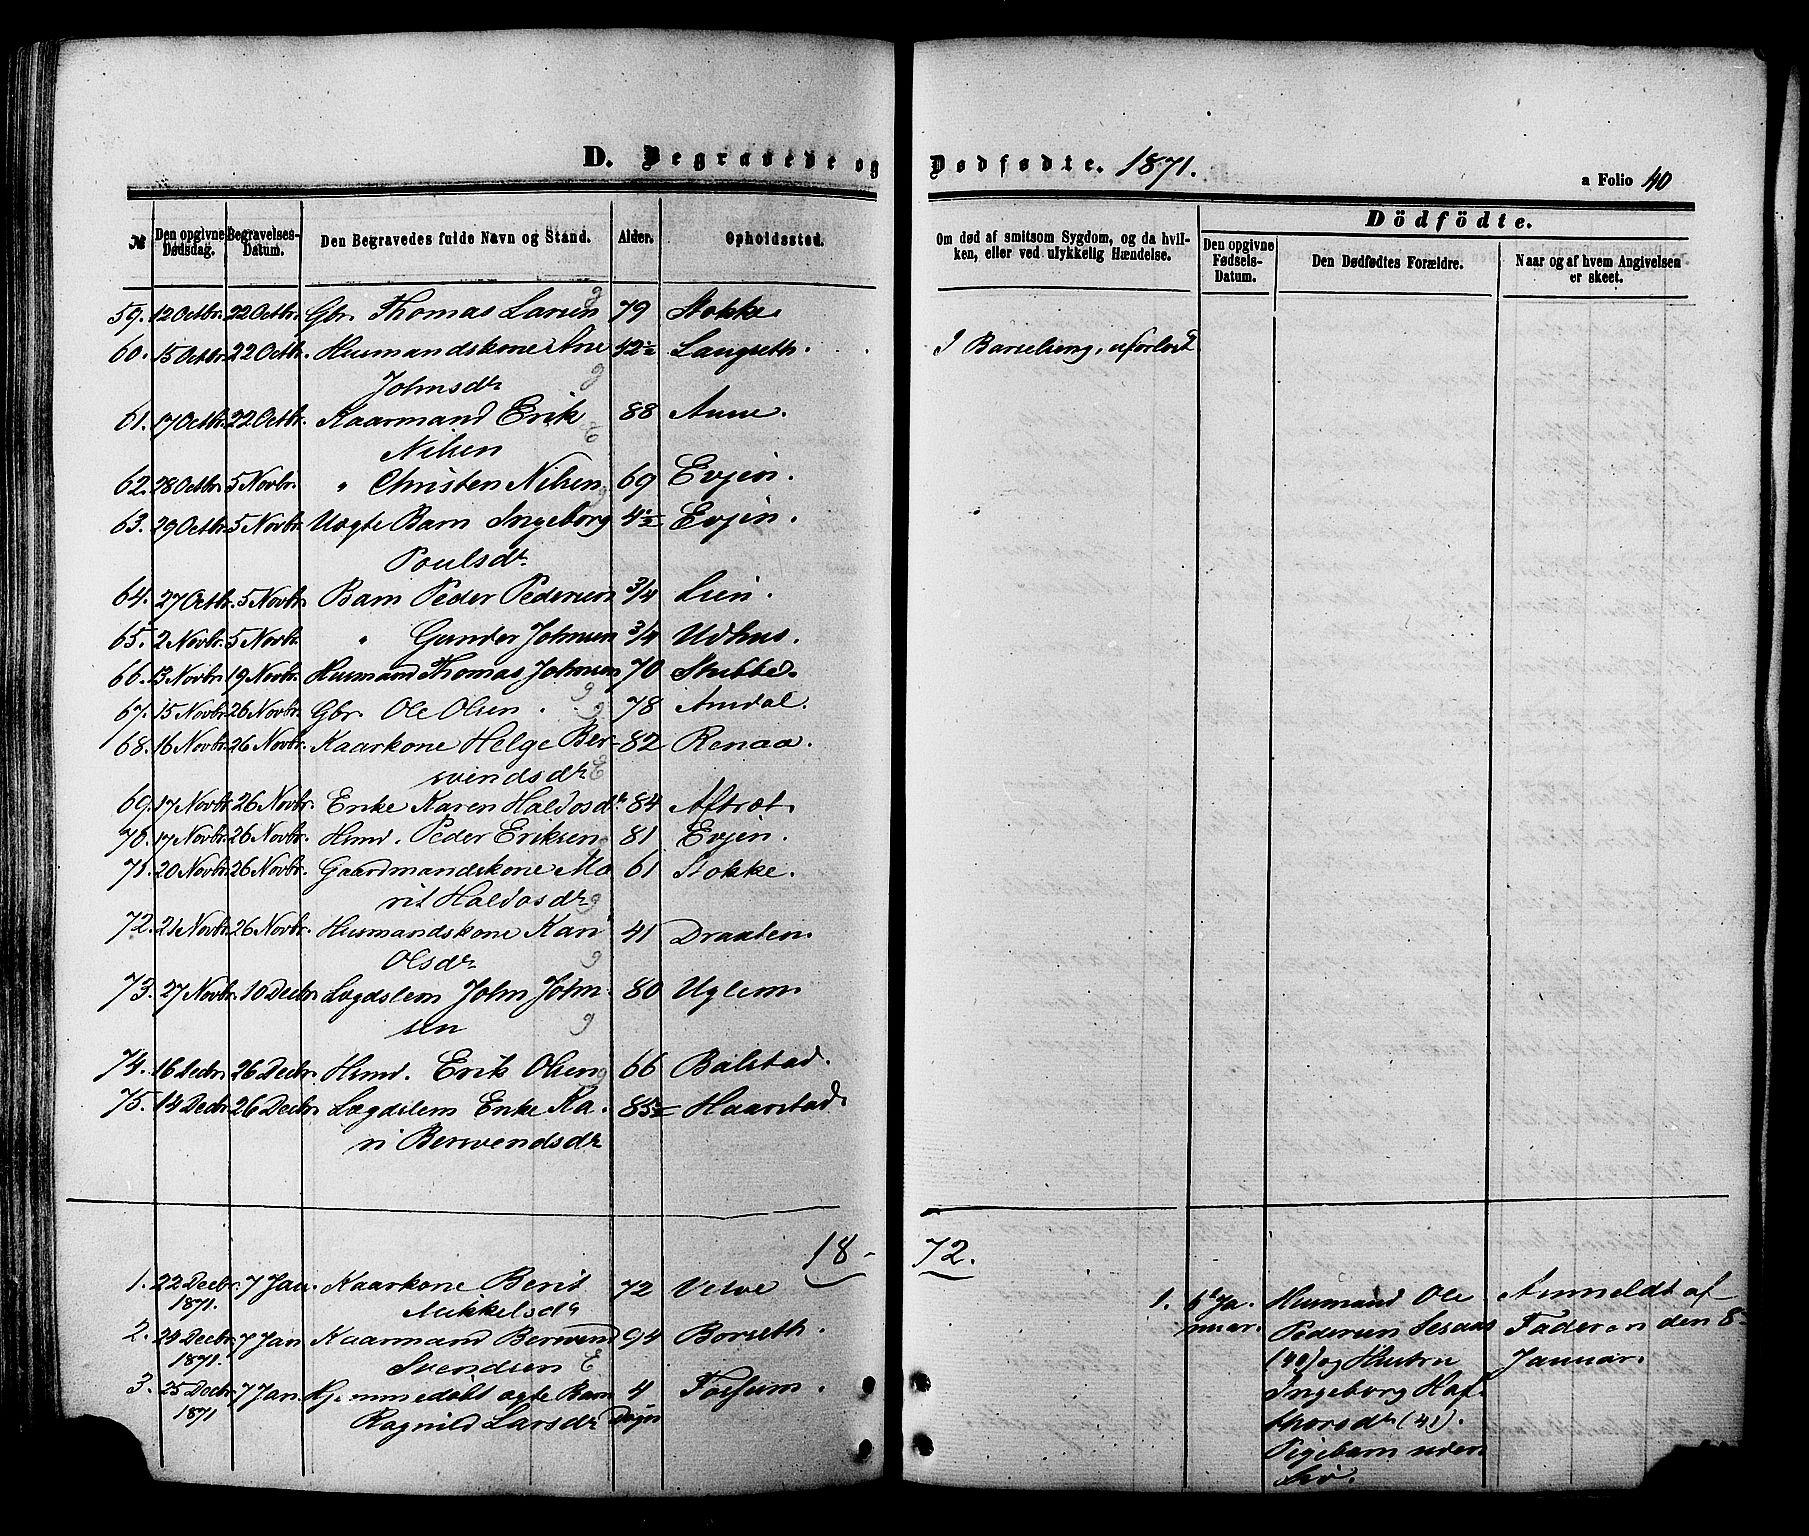 SAT, Ministerialprotokoller, klokkerbøker og fødselsregistre - Sør-Trøndelag, 695/L1147: Ministerialbok nr. 695A07, 1860-1877, s. 40